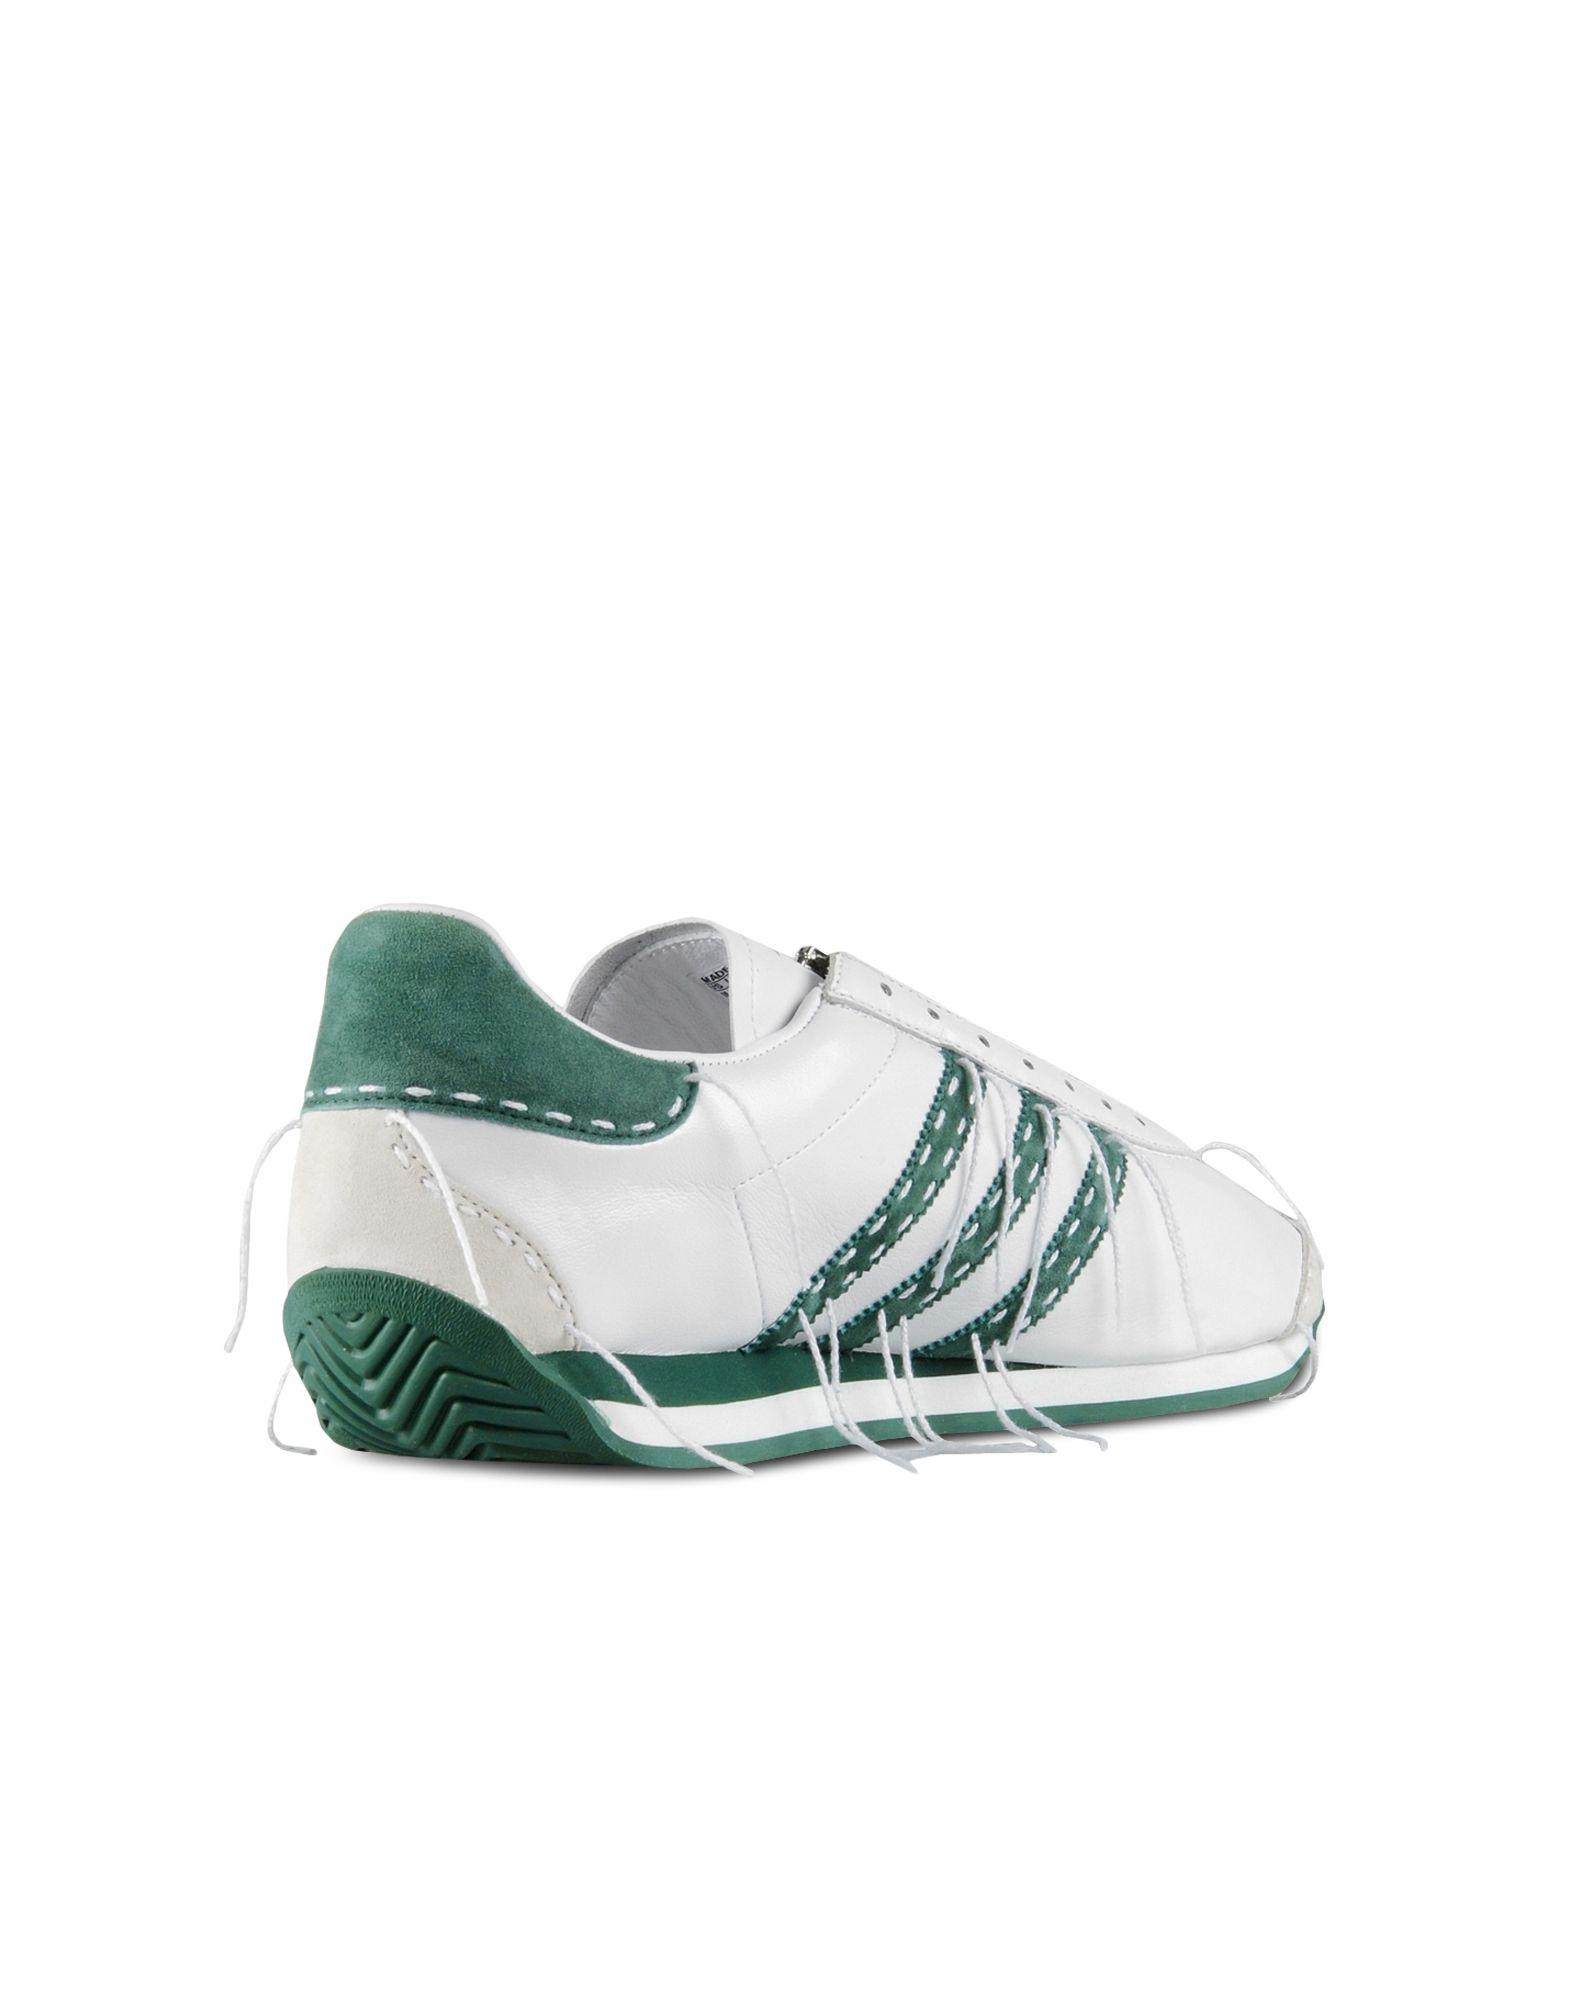 detailed look 024e3 140d2 adidas country porpora